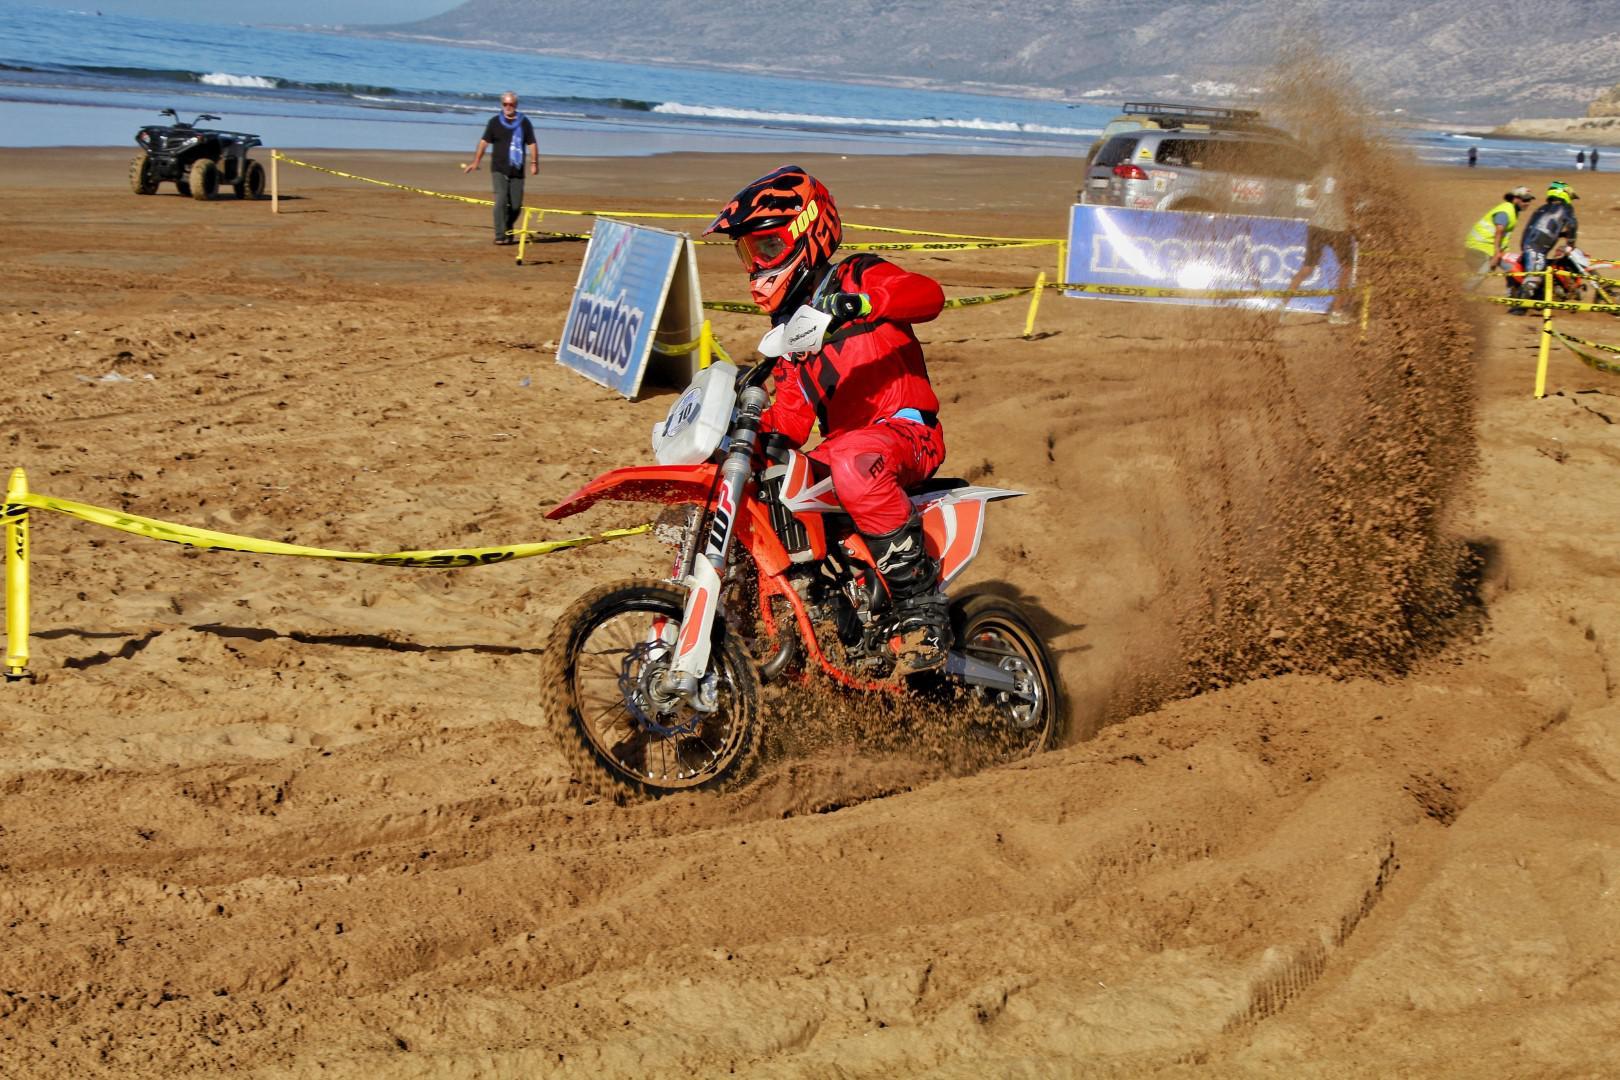 la-plage-d-imi-ouaddar-a-ronronne-durant-la-8eme-edition-de-la-beach-race-paradis-plage-1382-14.jpg